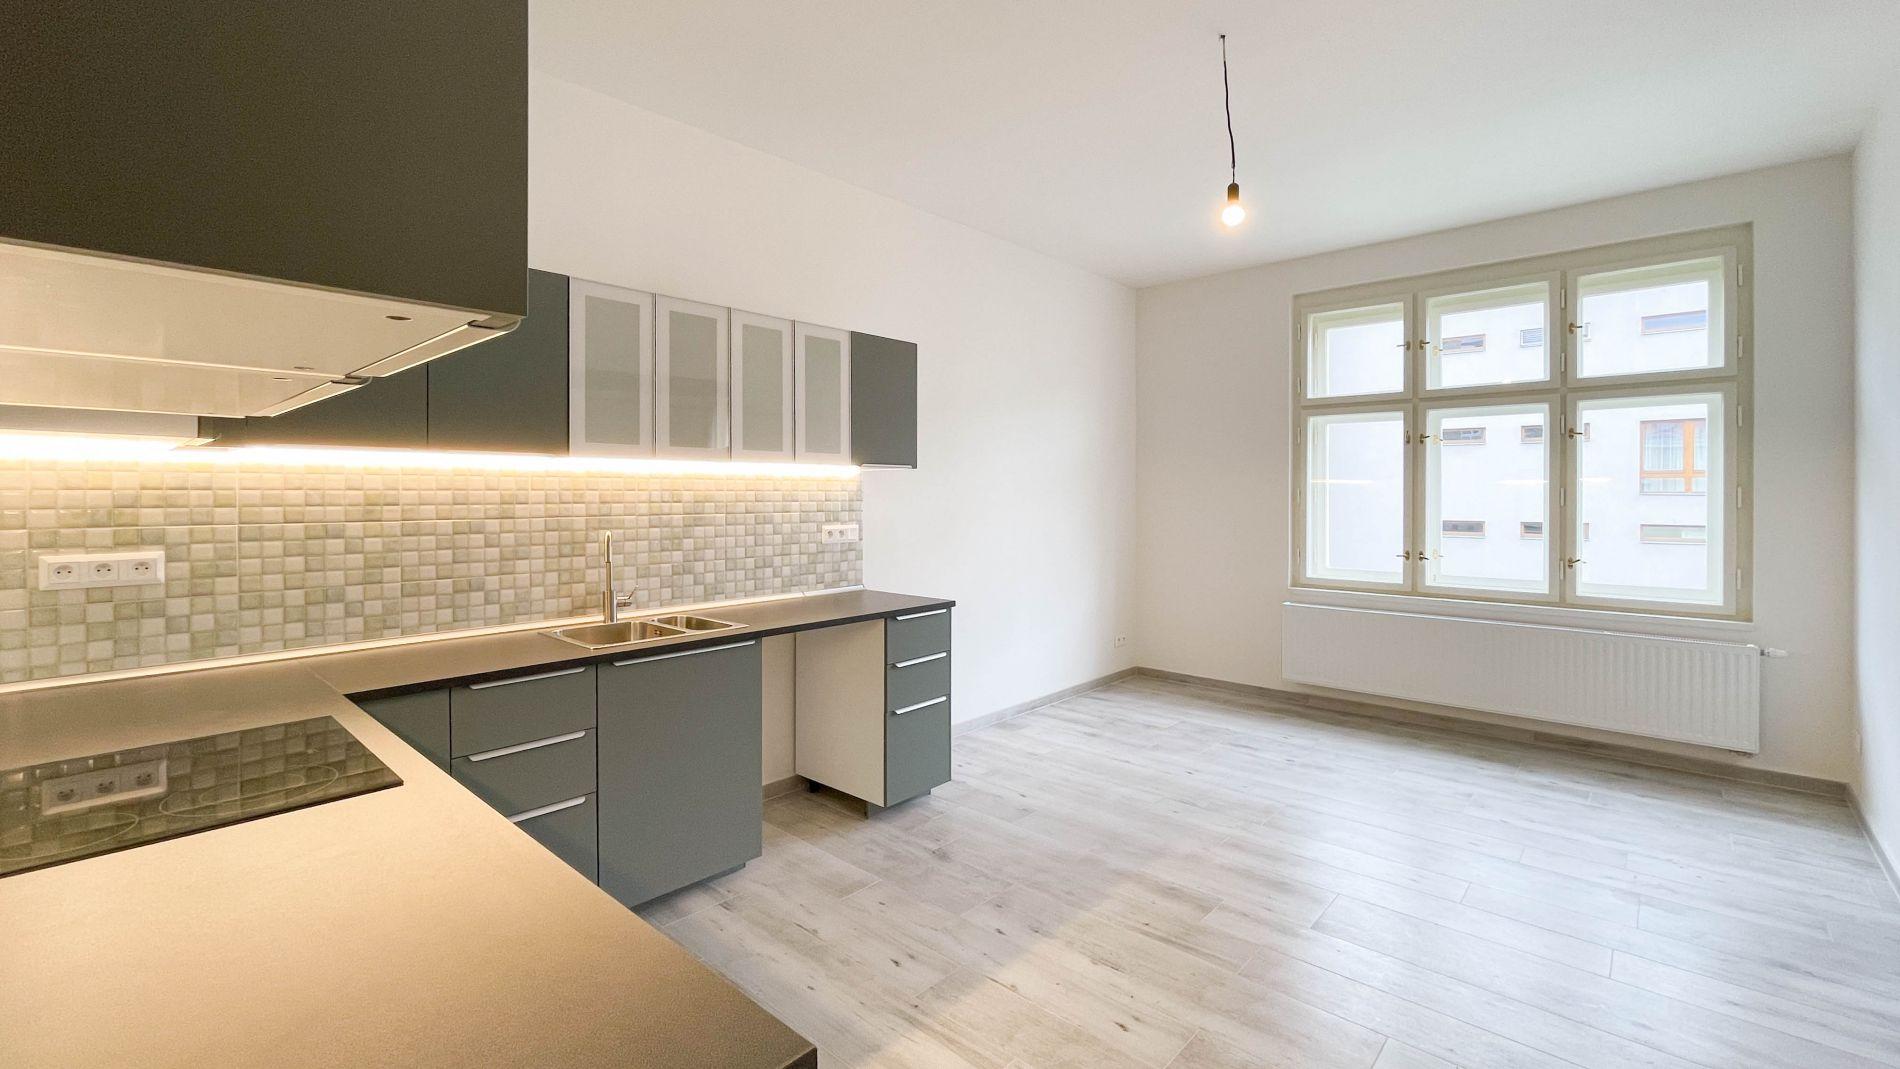 Pronájem nezařízeného bytu 4+kk, 106m2, 4. patro, výtah, Křižíkova, Karlín, Praha 8